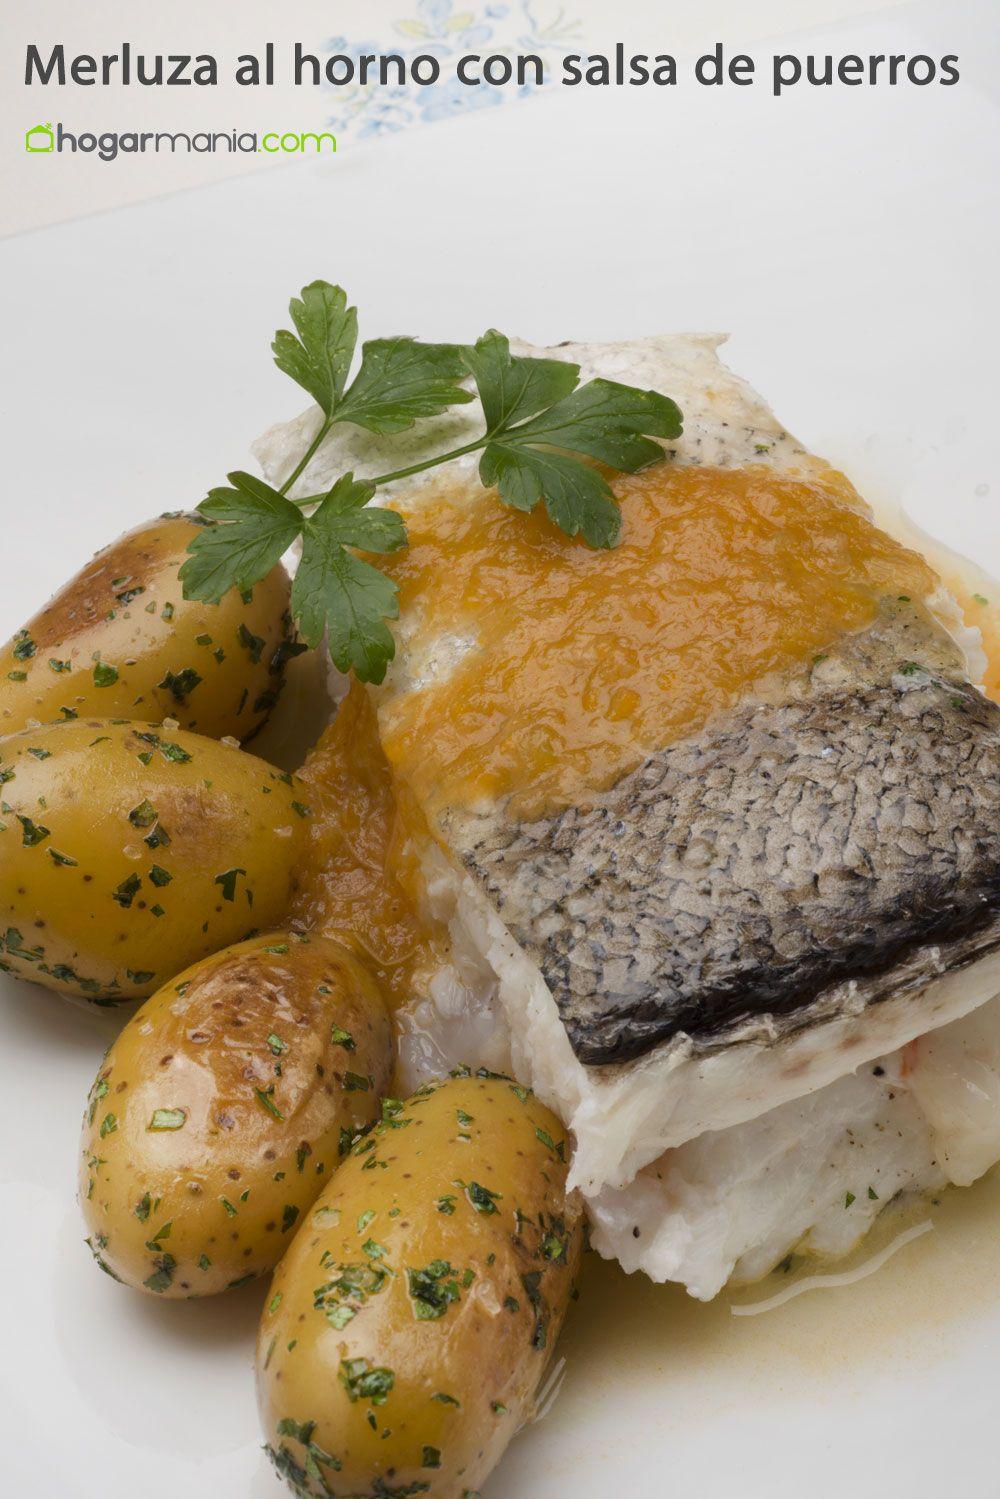 Receta de merluza al horno con salsa de puerros karlos - Merluza rellena de marisco al horno ...